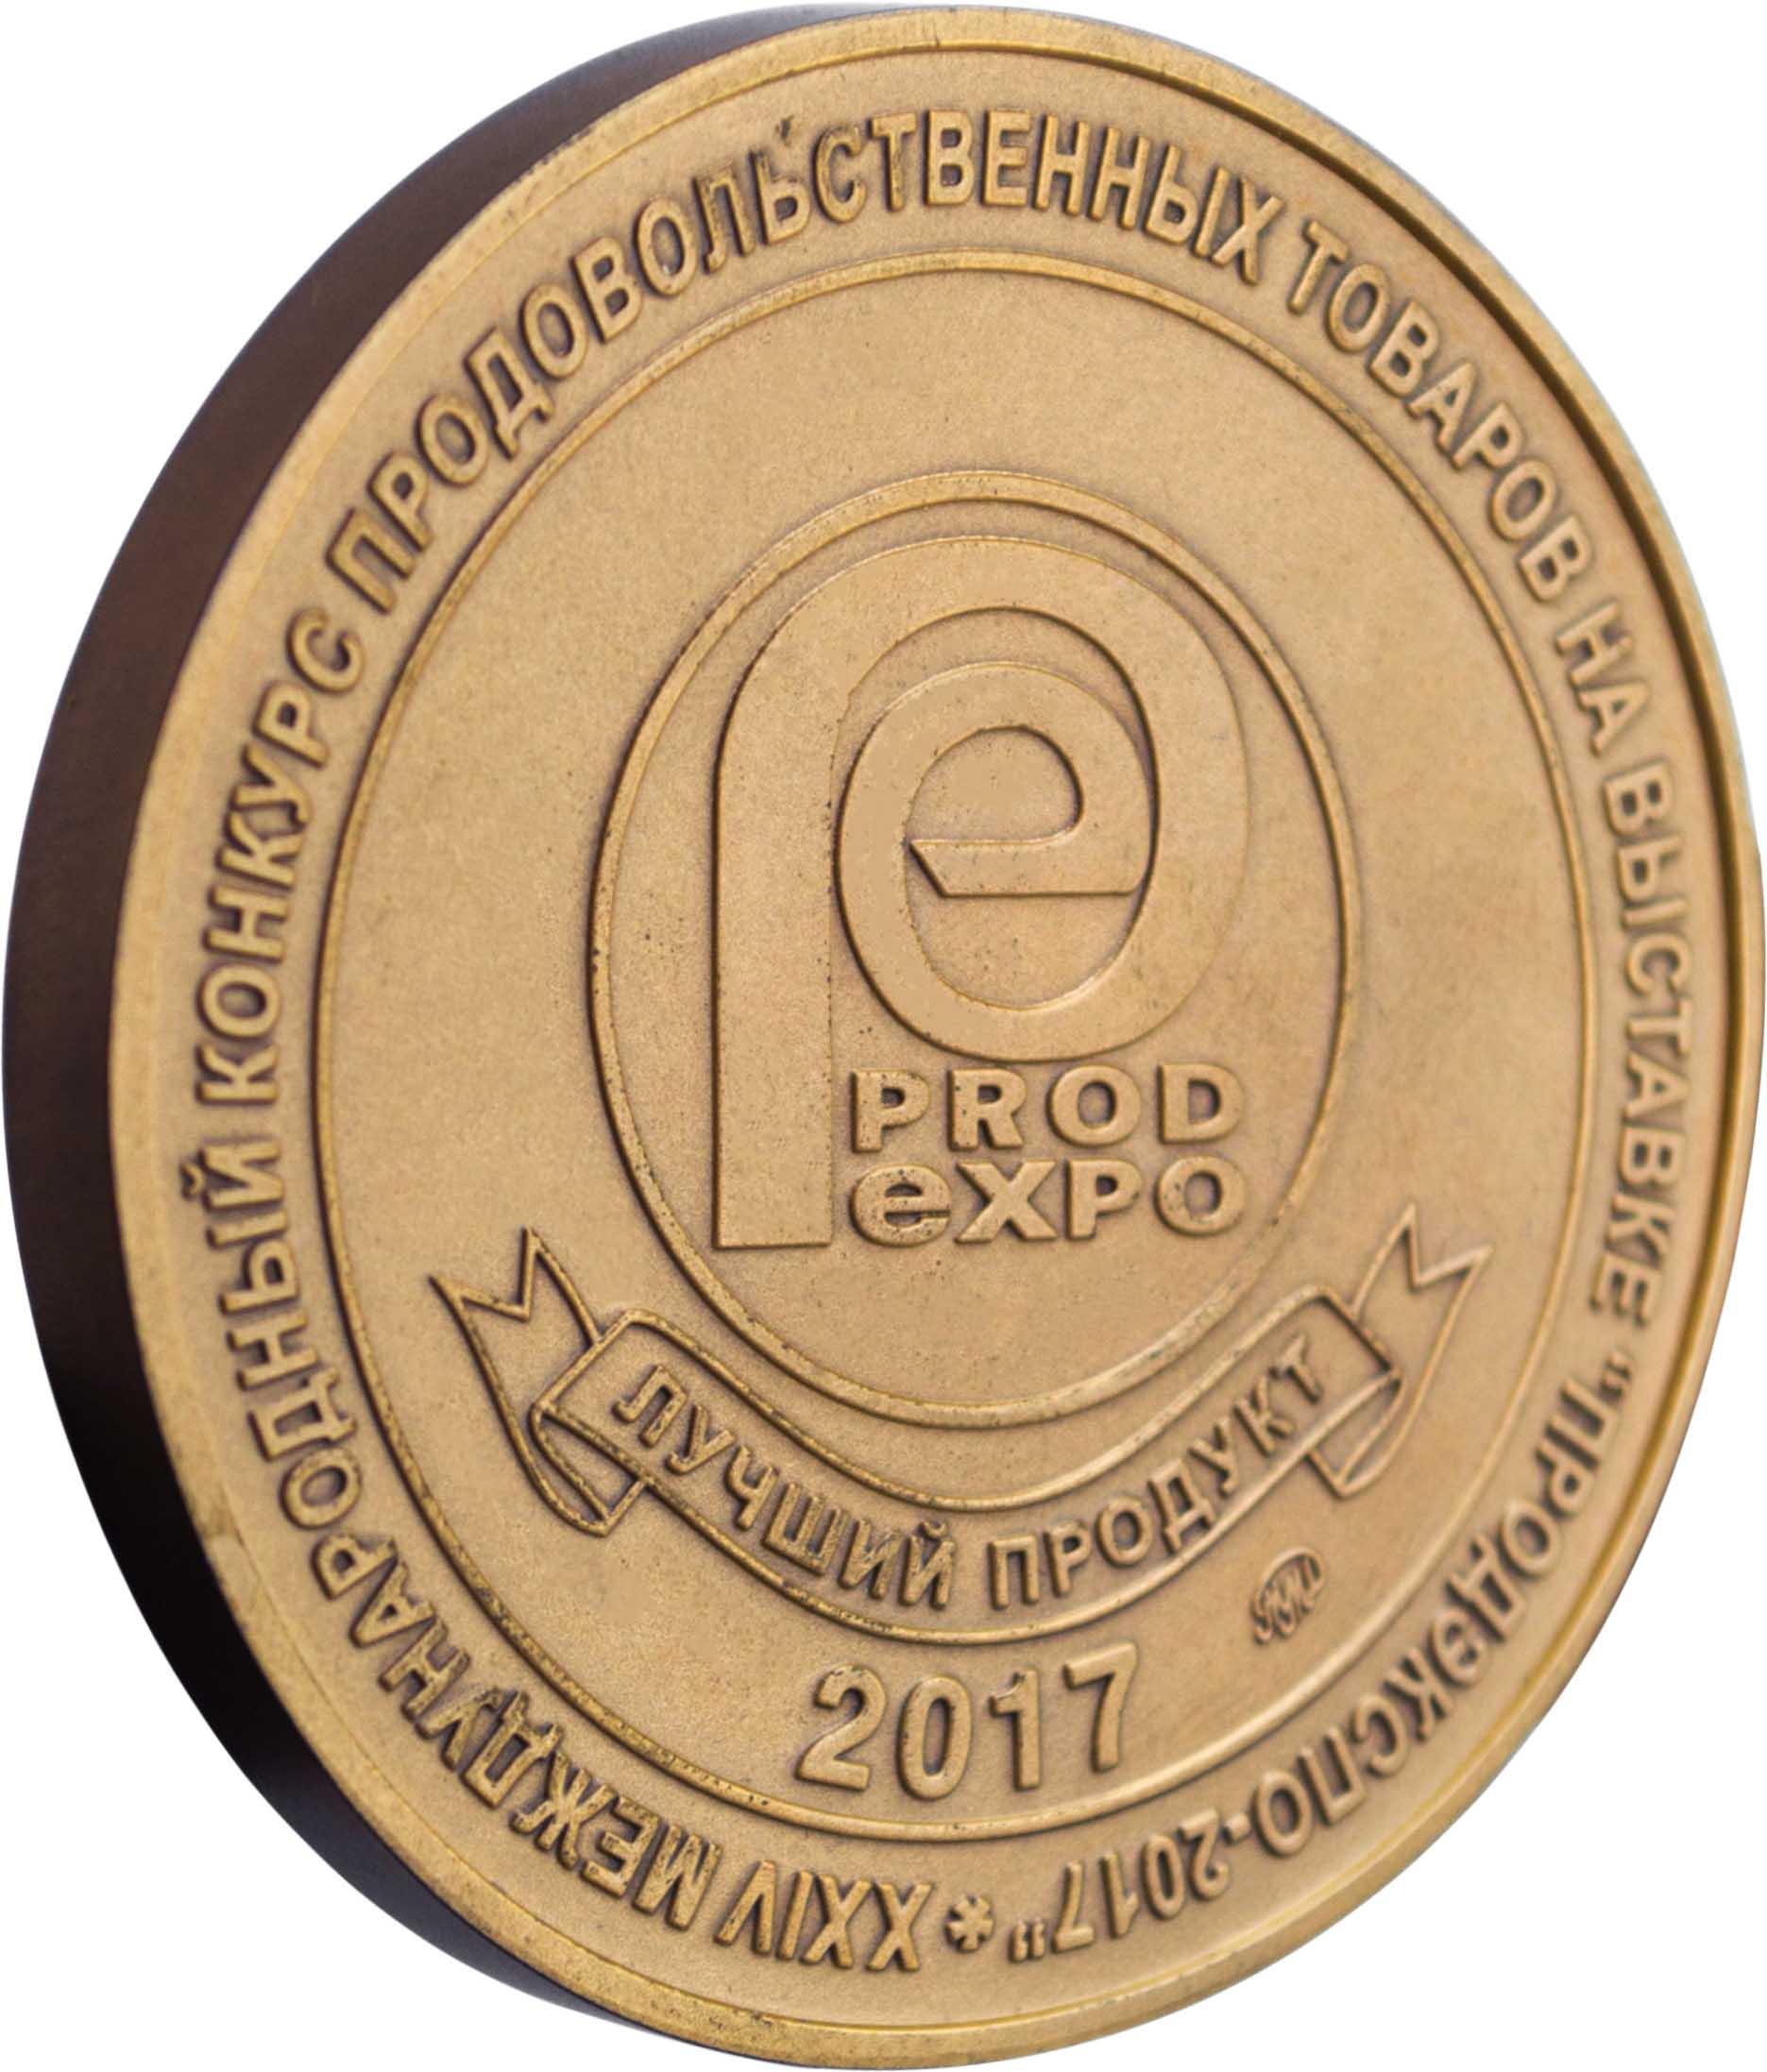 ПРОД ЭКСПО 2017 - Бронзовая медаль за Лучший продукт 2017 года